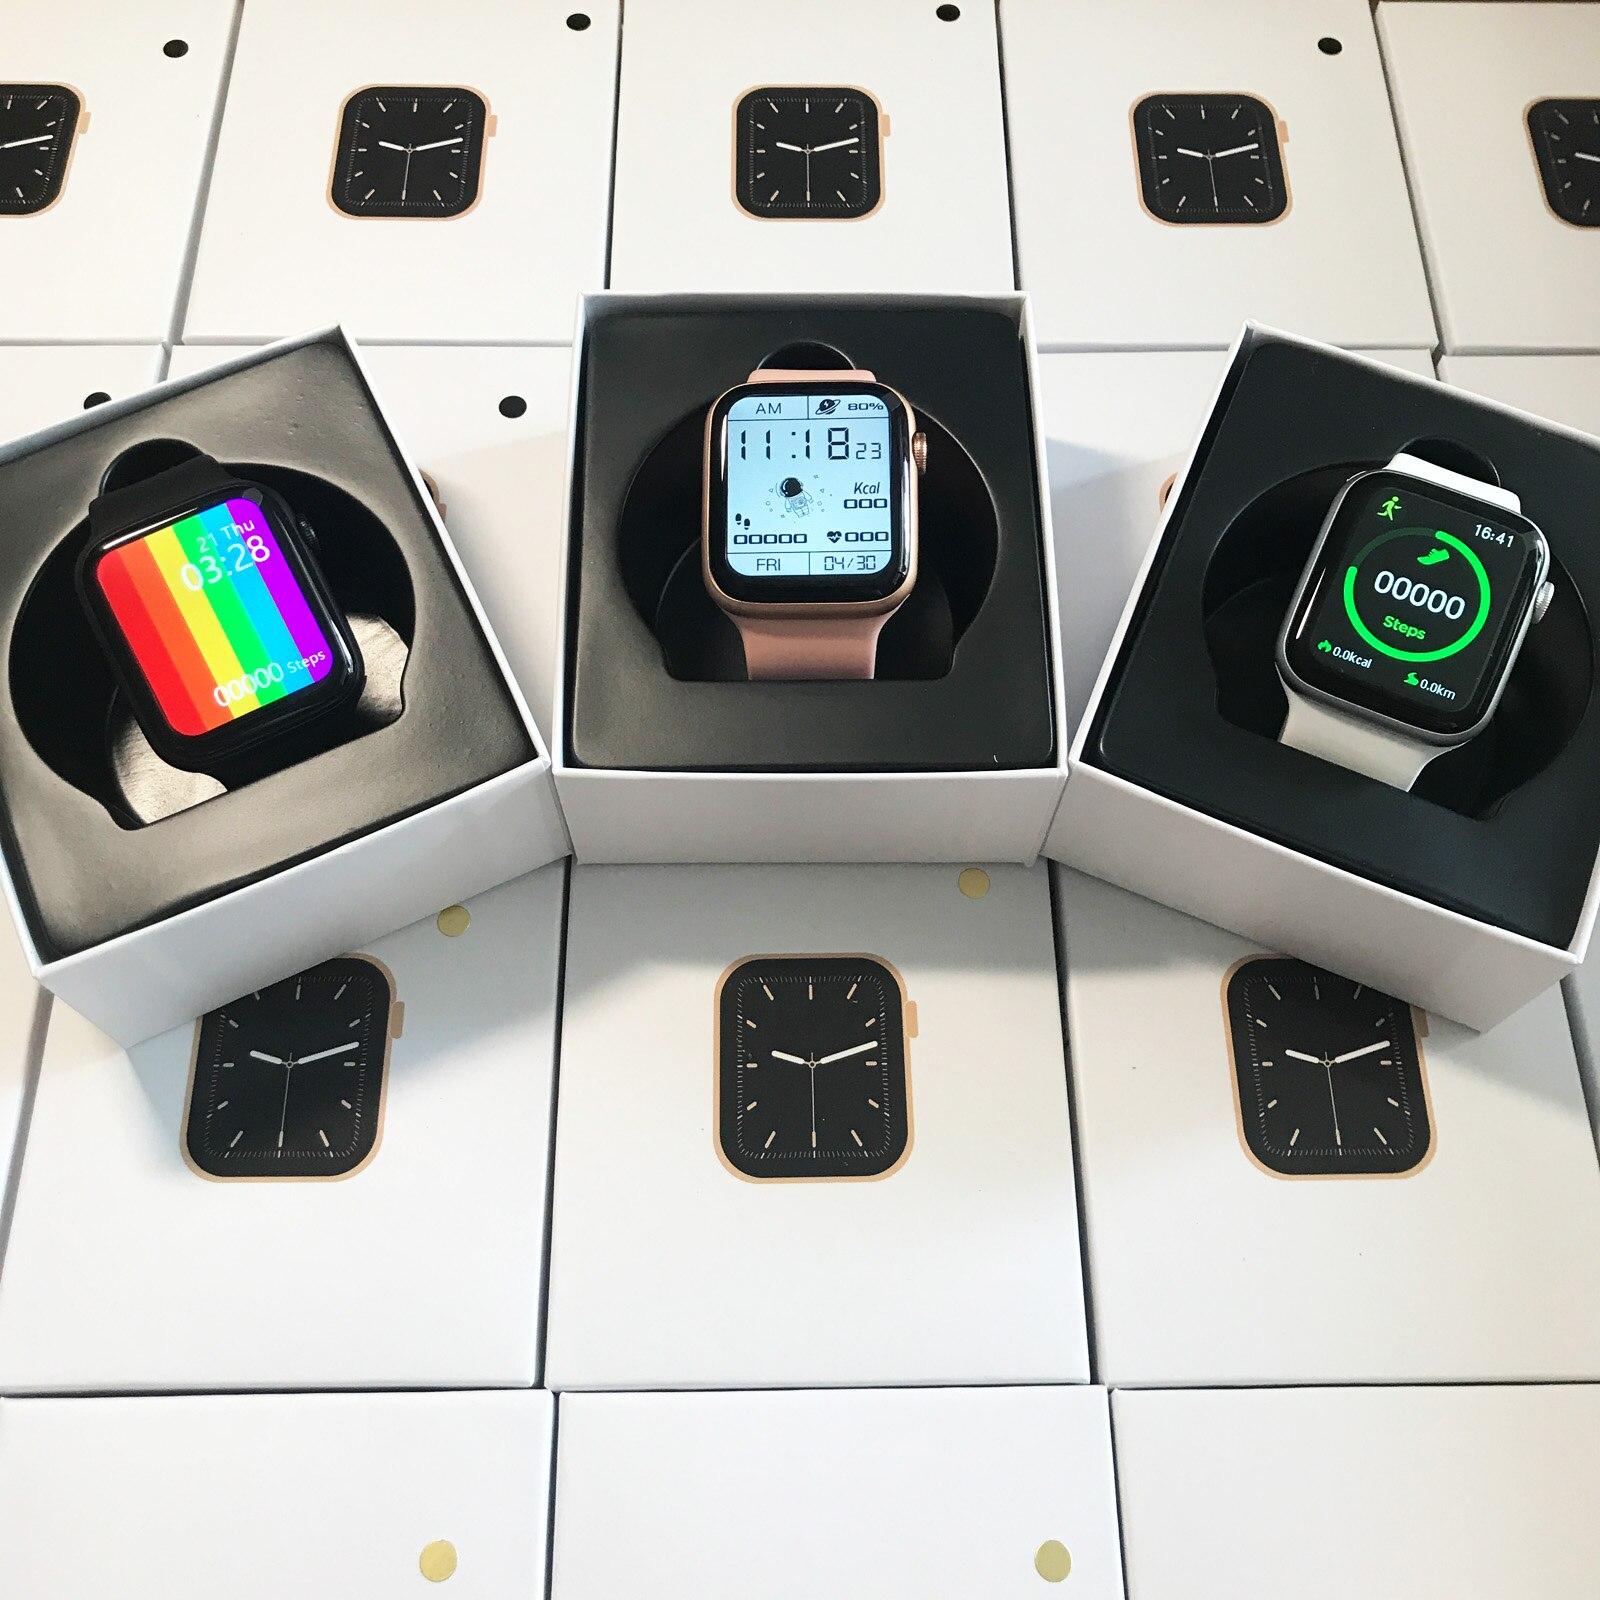 TREZER IWO W26 Pro Smart Watch 1 75 Inch 320 385 Series 6 IPS Full Touch TREZER IWO W26+ Pro Smart Watch 1.75 Inch 320*385 Series 6 IPS Full Touch Screen Custom Watch Face Smartwatch Men Women PK HW22